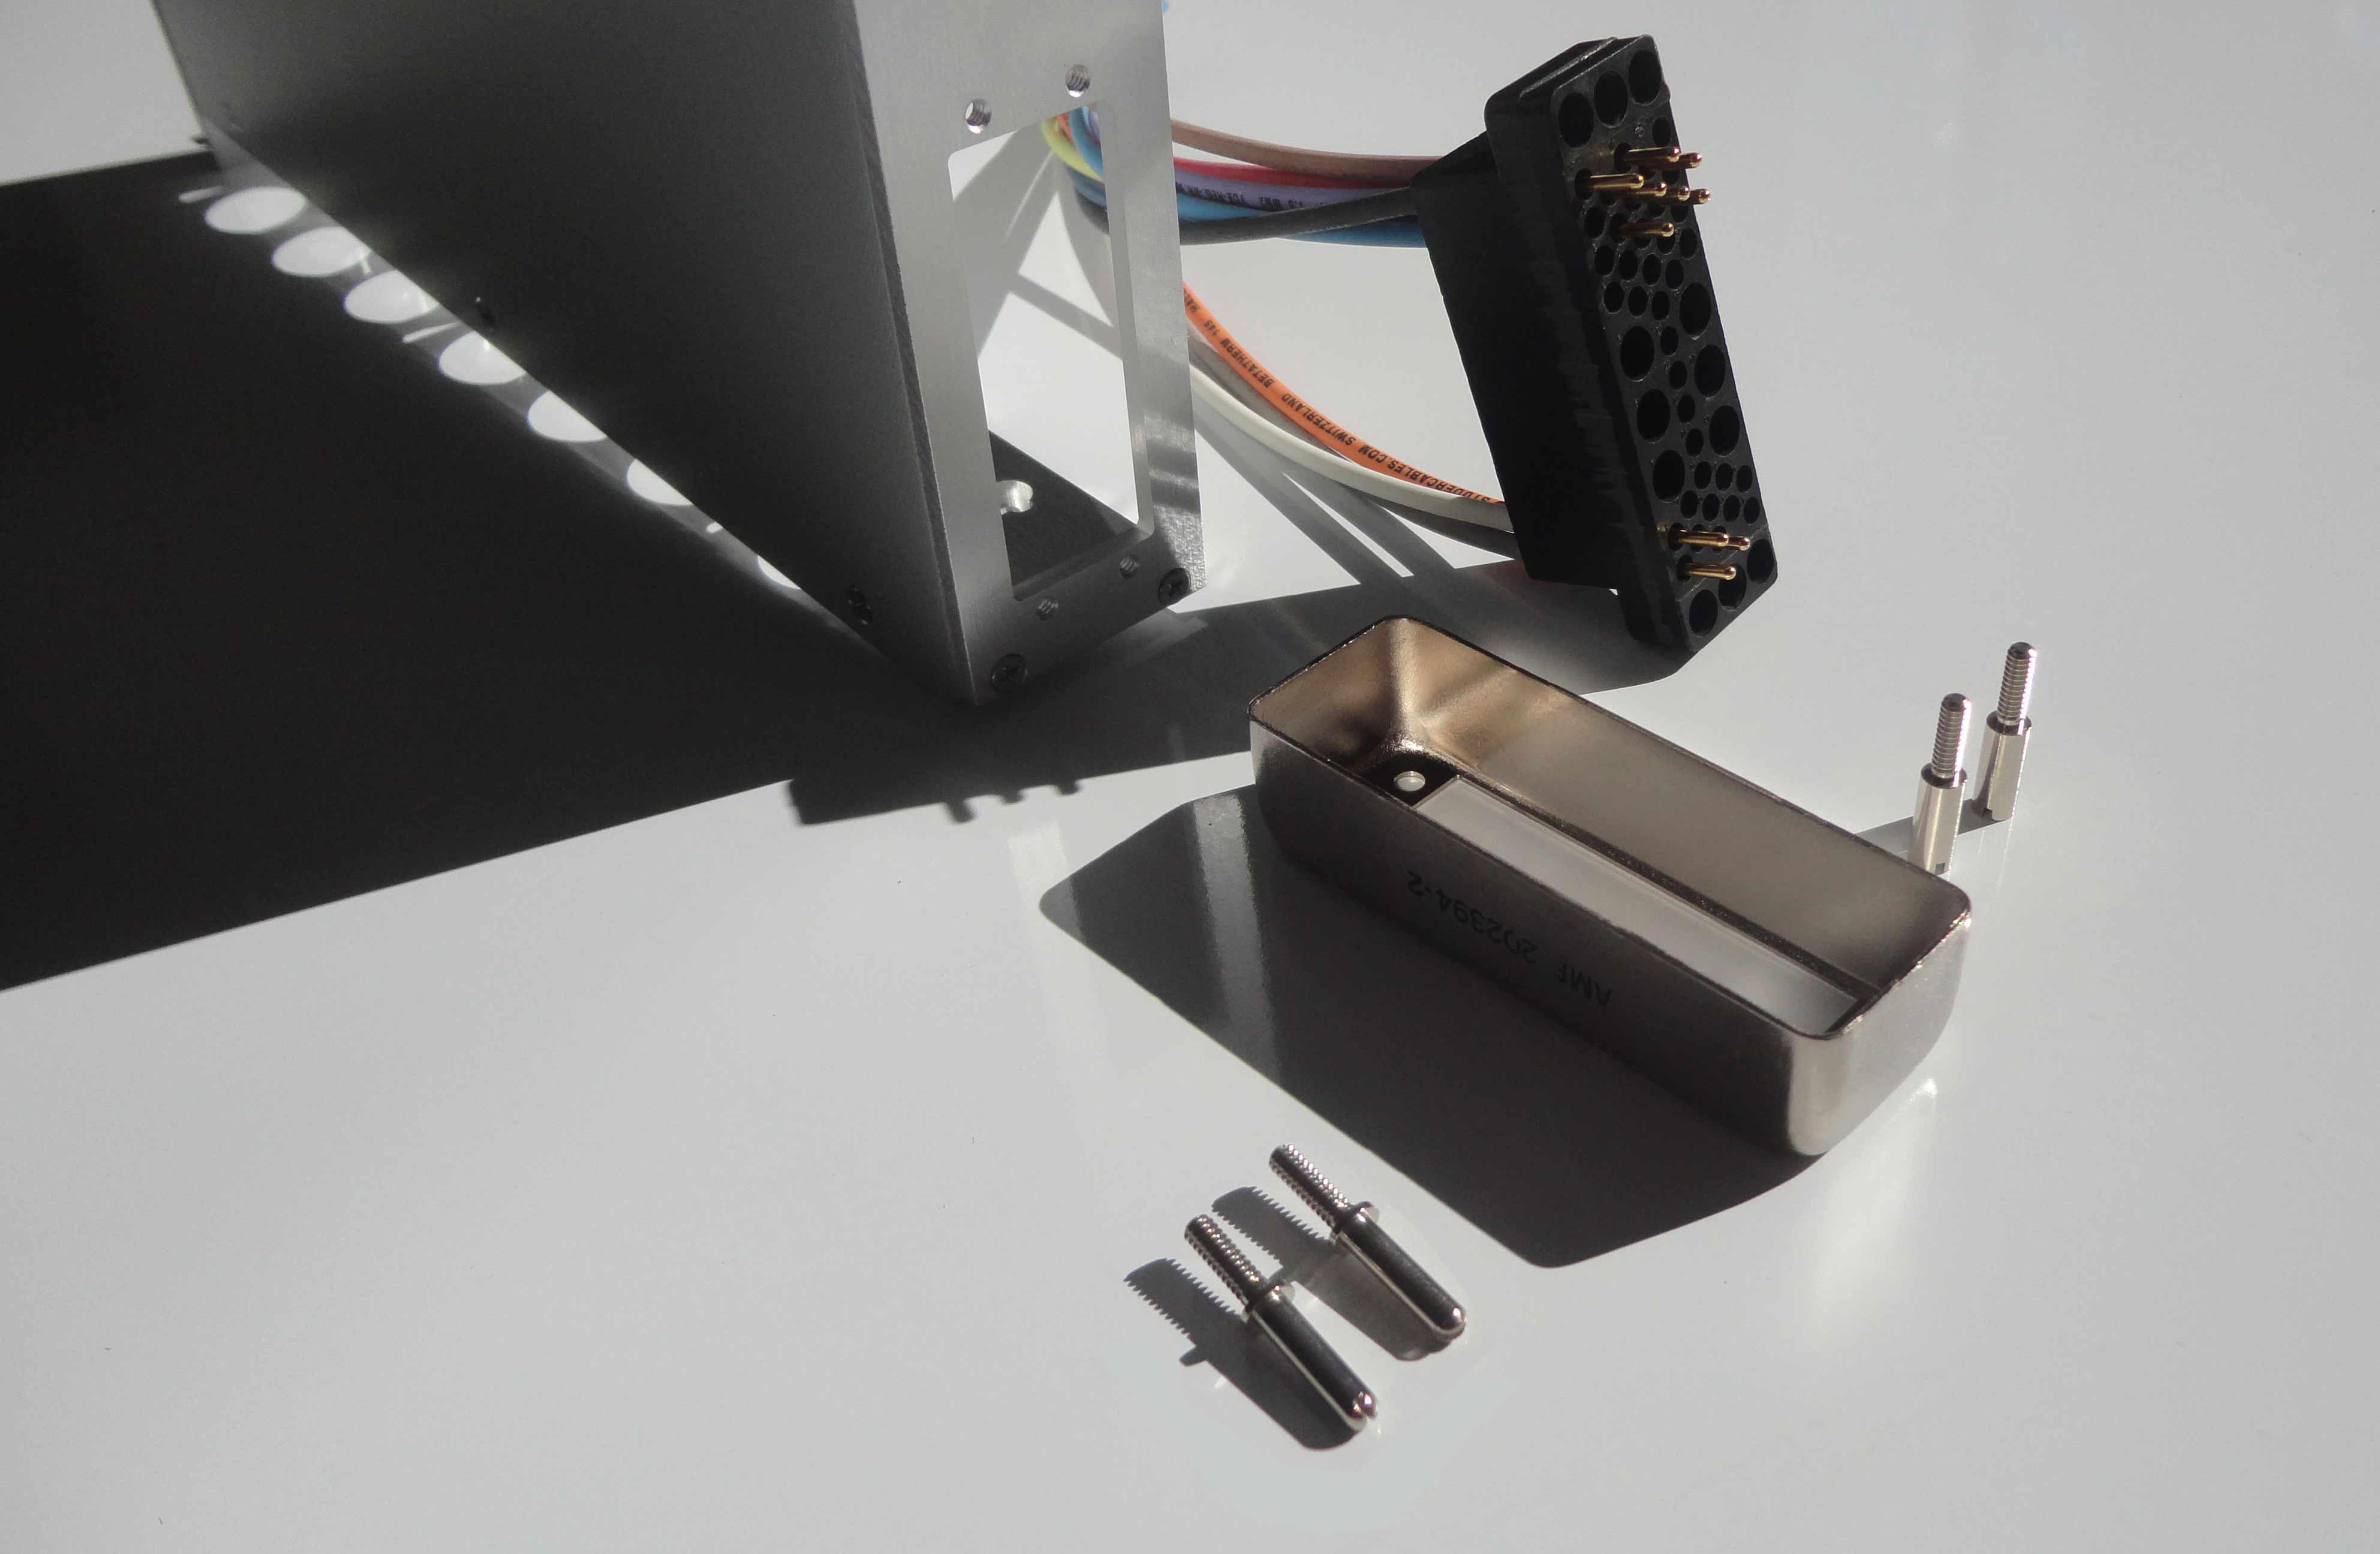 Set connecteur NIM AMP capot metallique vis cable couleur WIENER